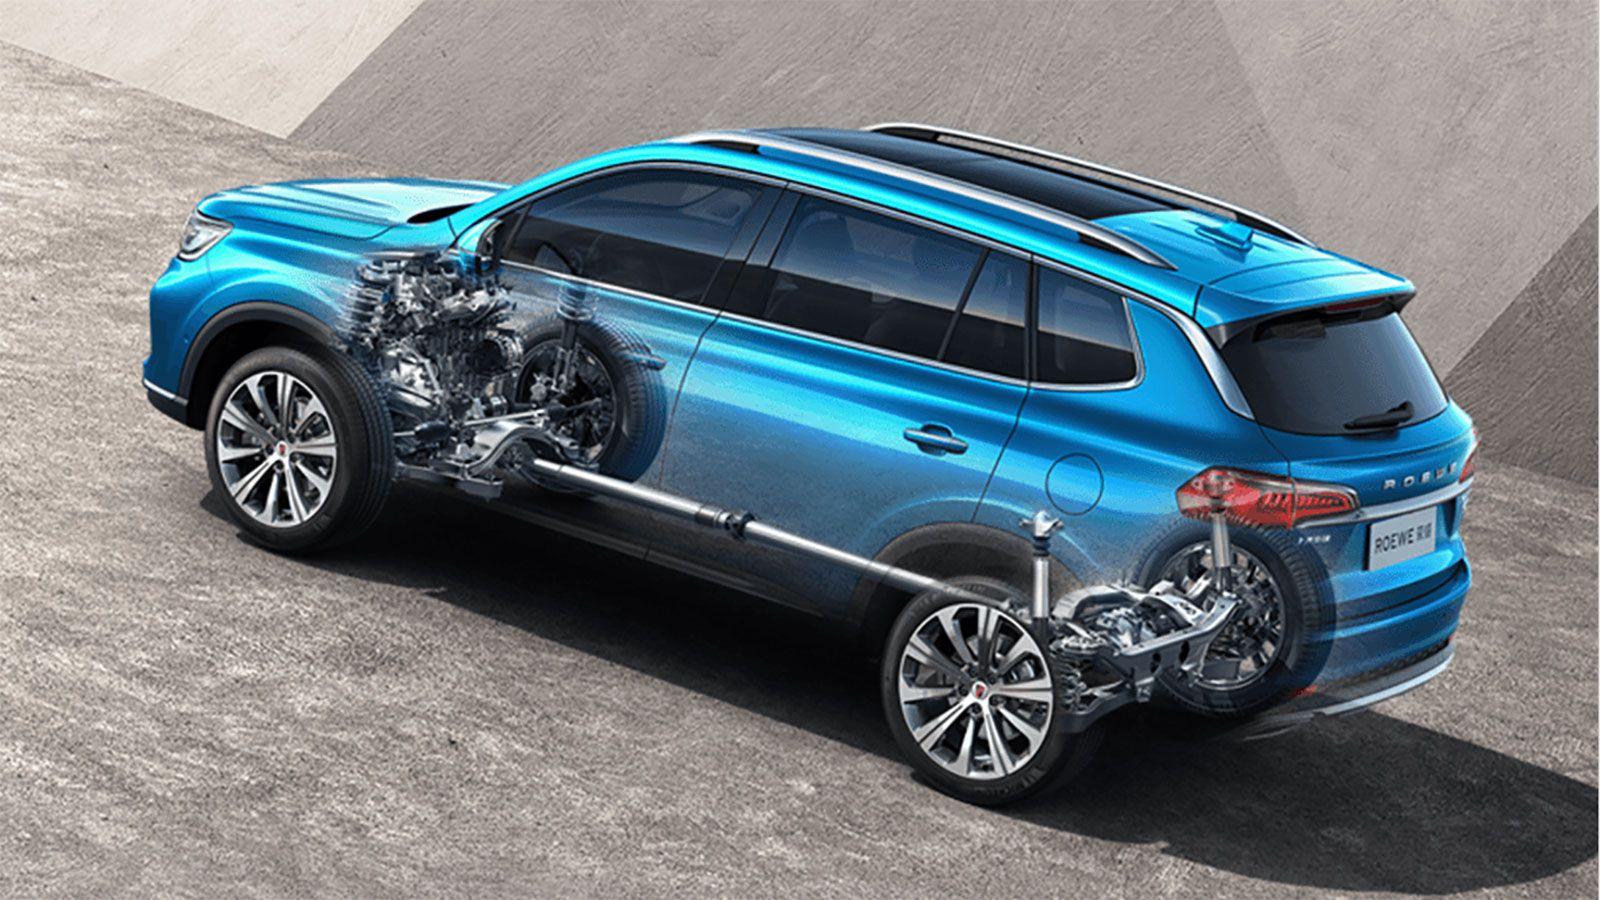 智联网硬核中型SUV 荣威RX5 MAX凭实力搞了个大事件